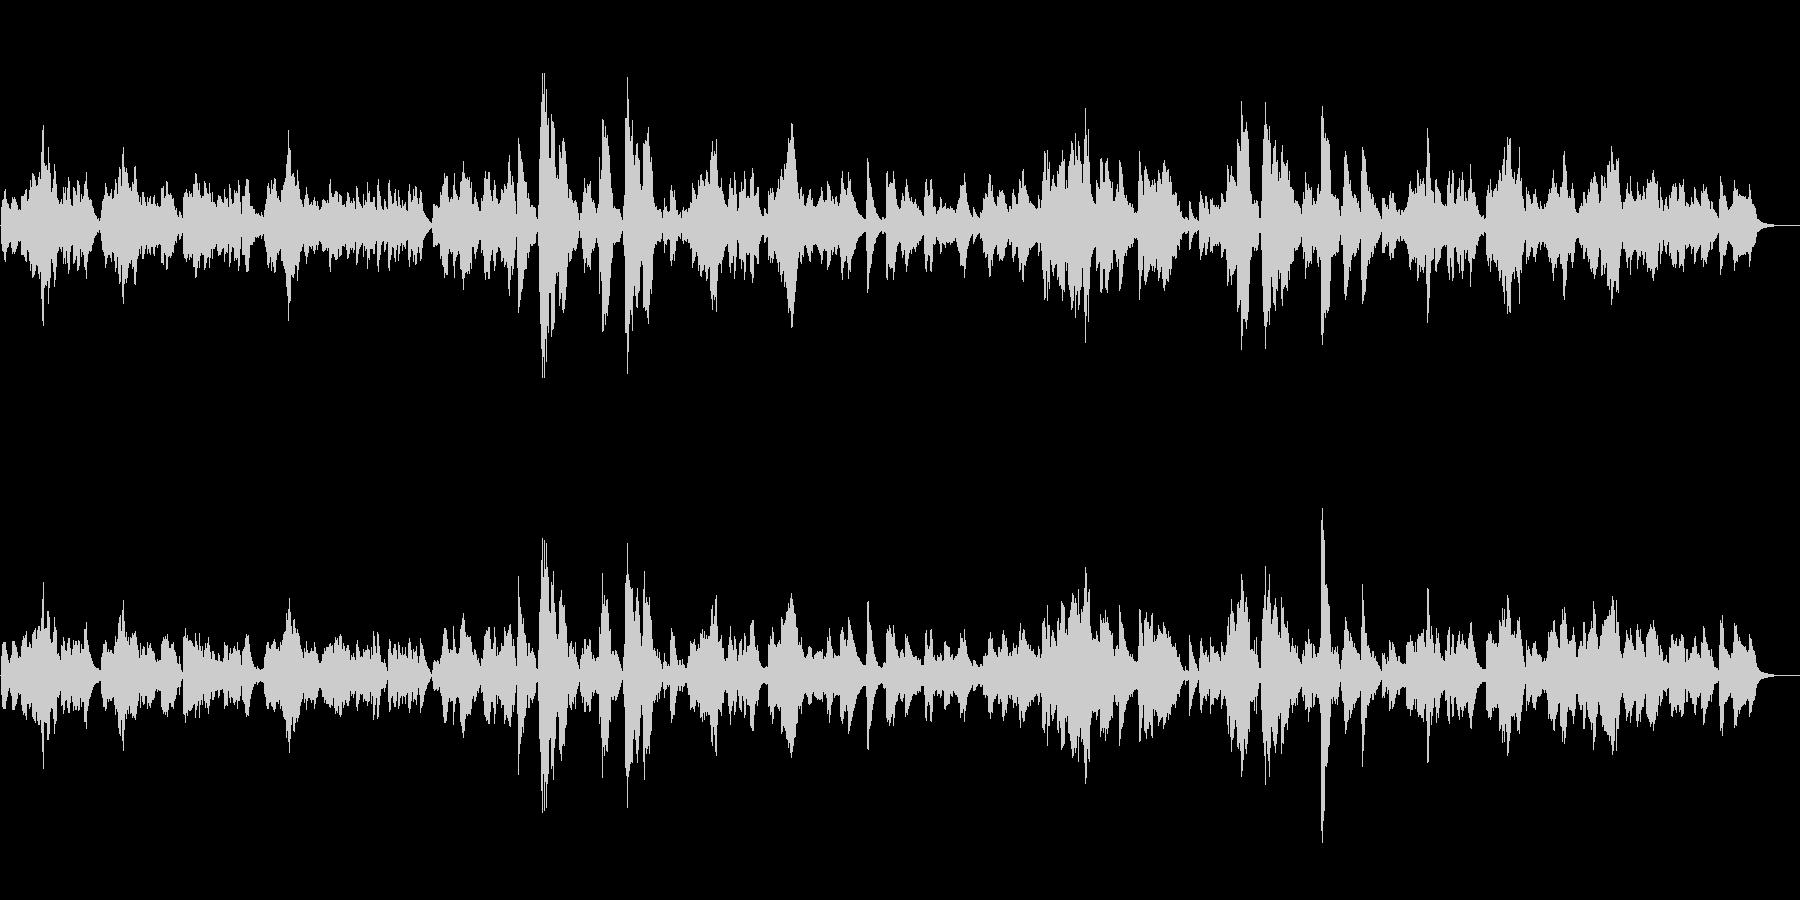 シシリエンヌ/フォーレ (フルート)の未再生の波形